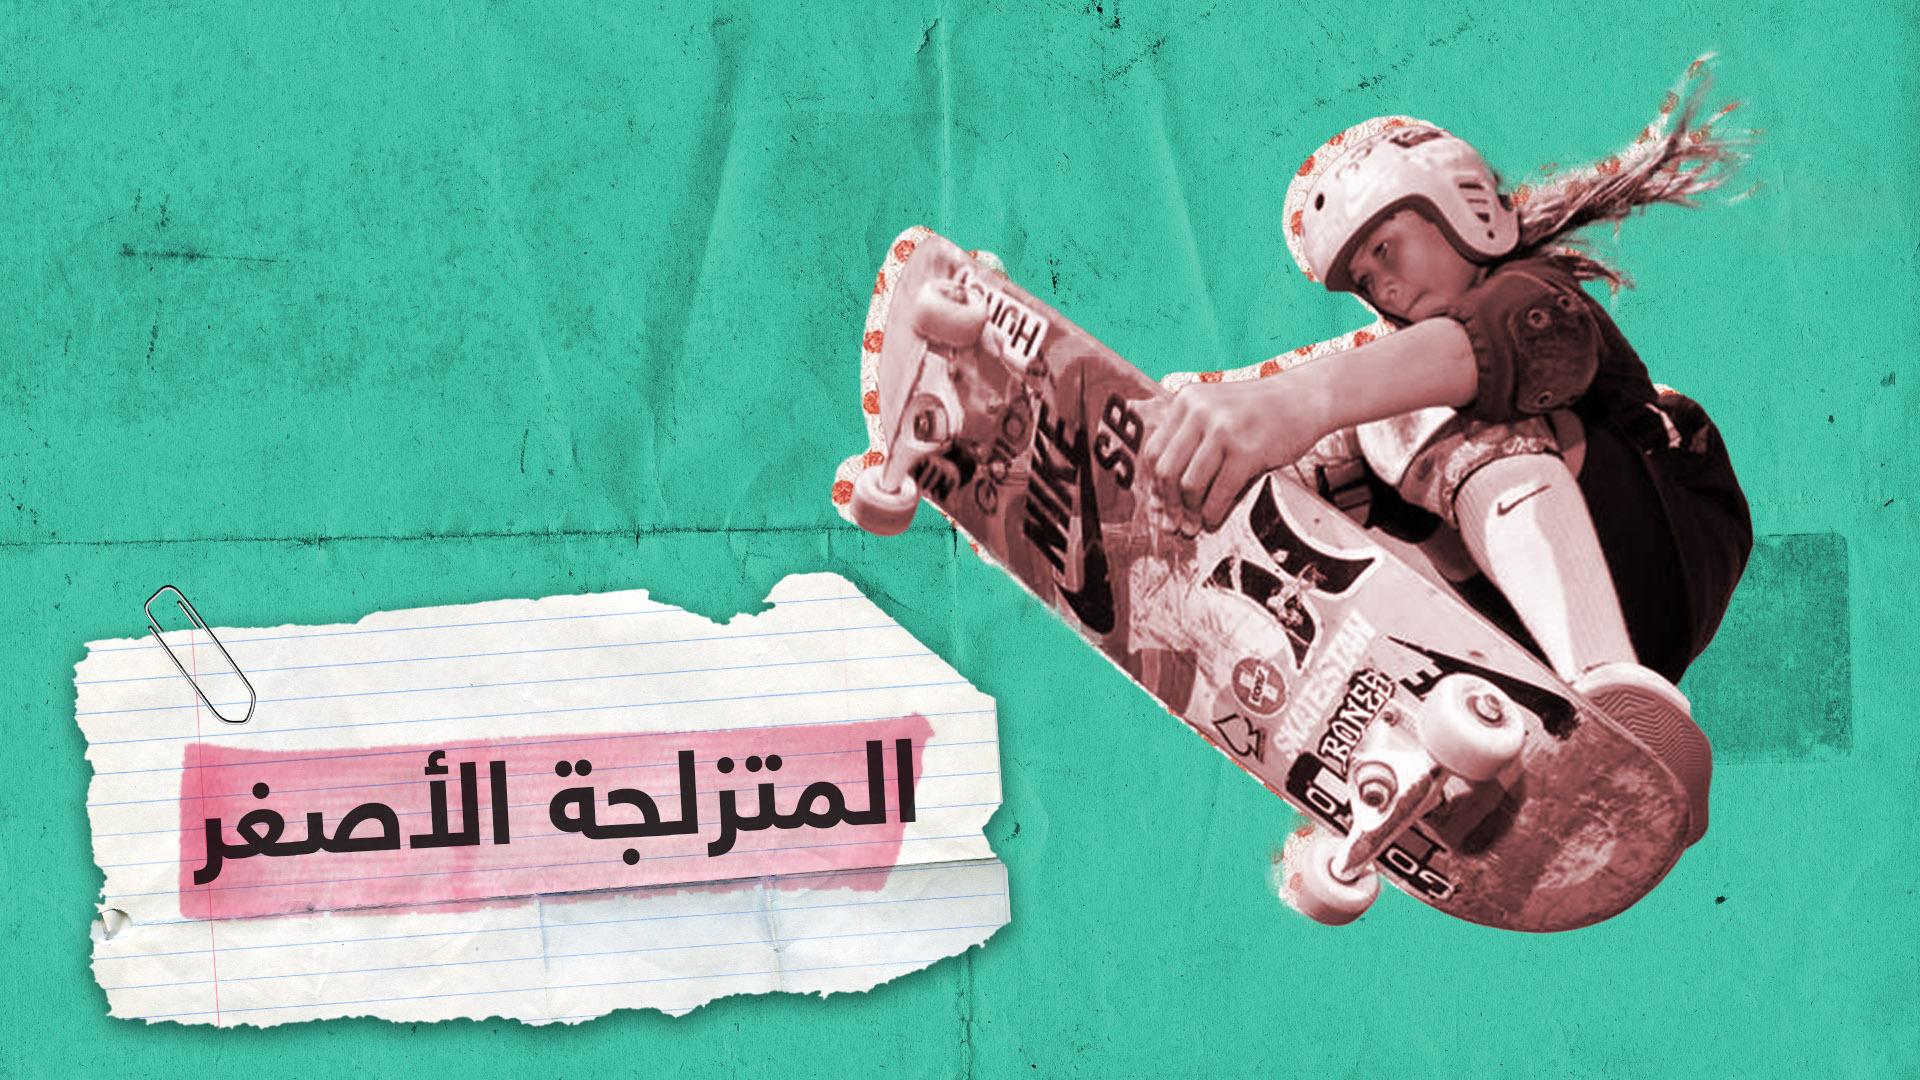 المتزلجة المحترفة الأصغر في العالم